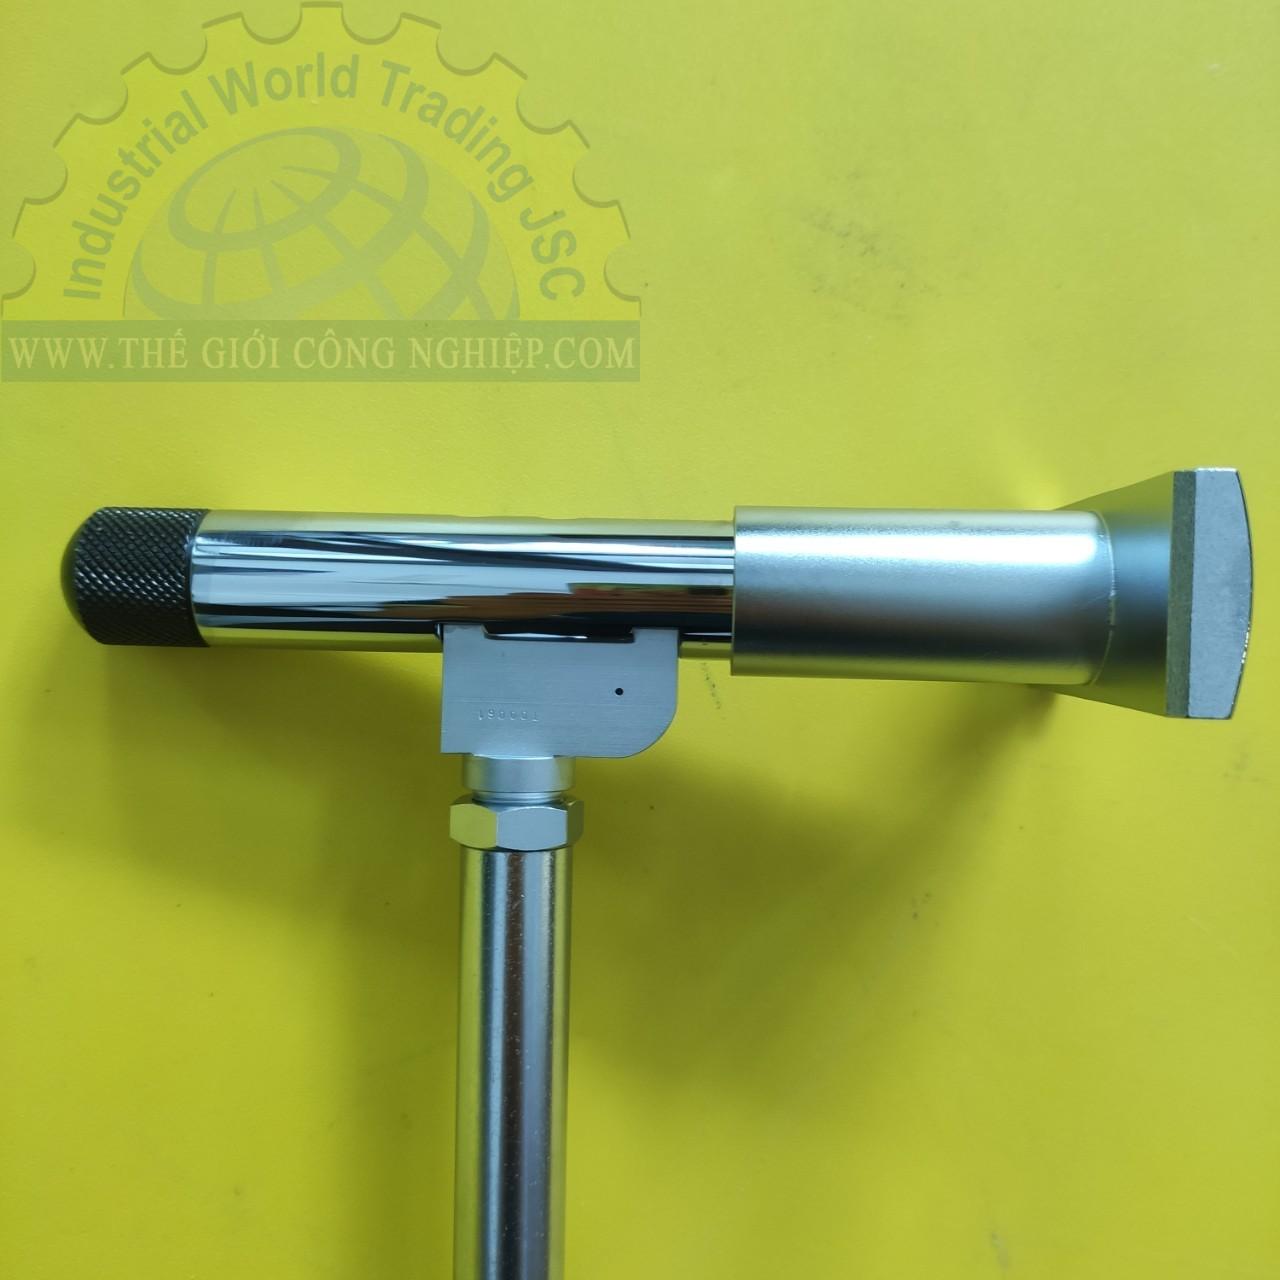 Standard Cylinder Gauges 250-400mm CC-6 PEACOCK